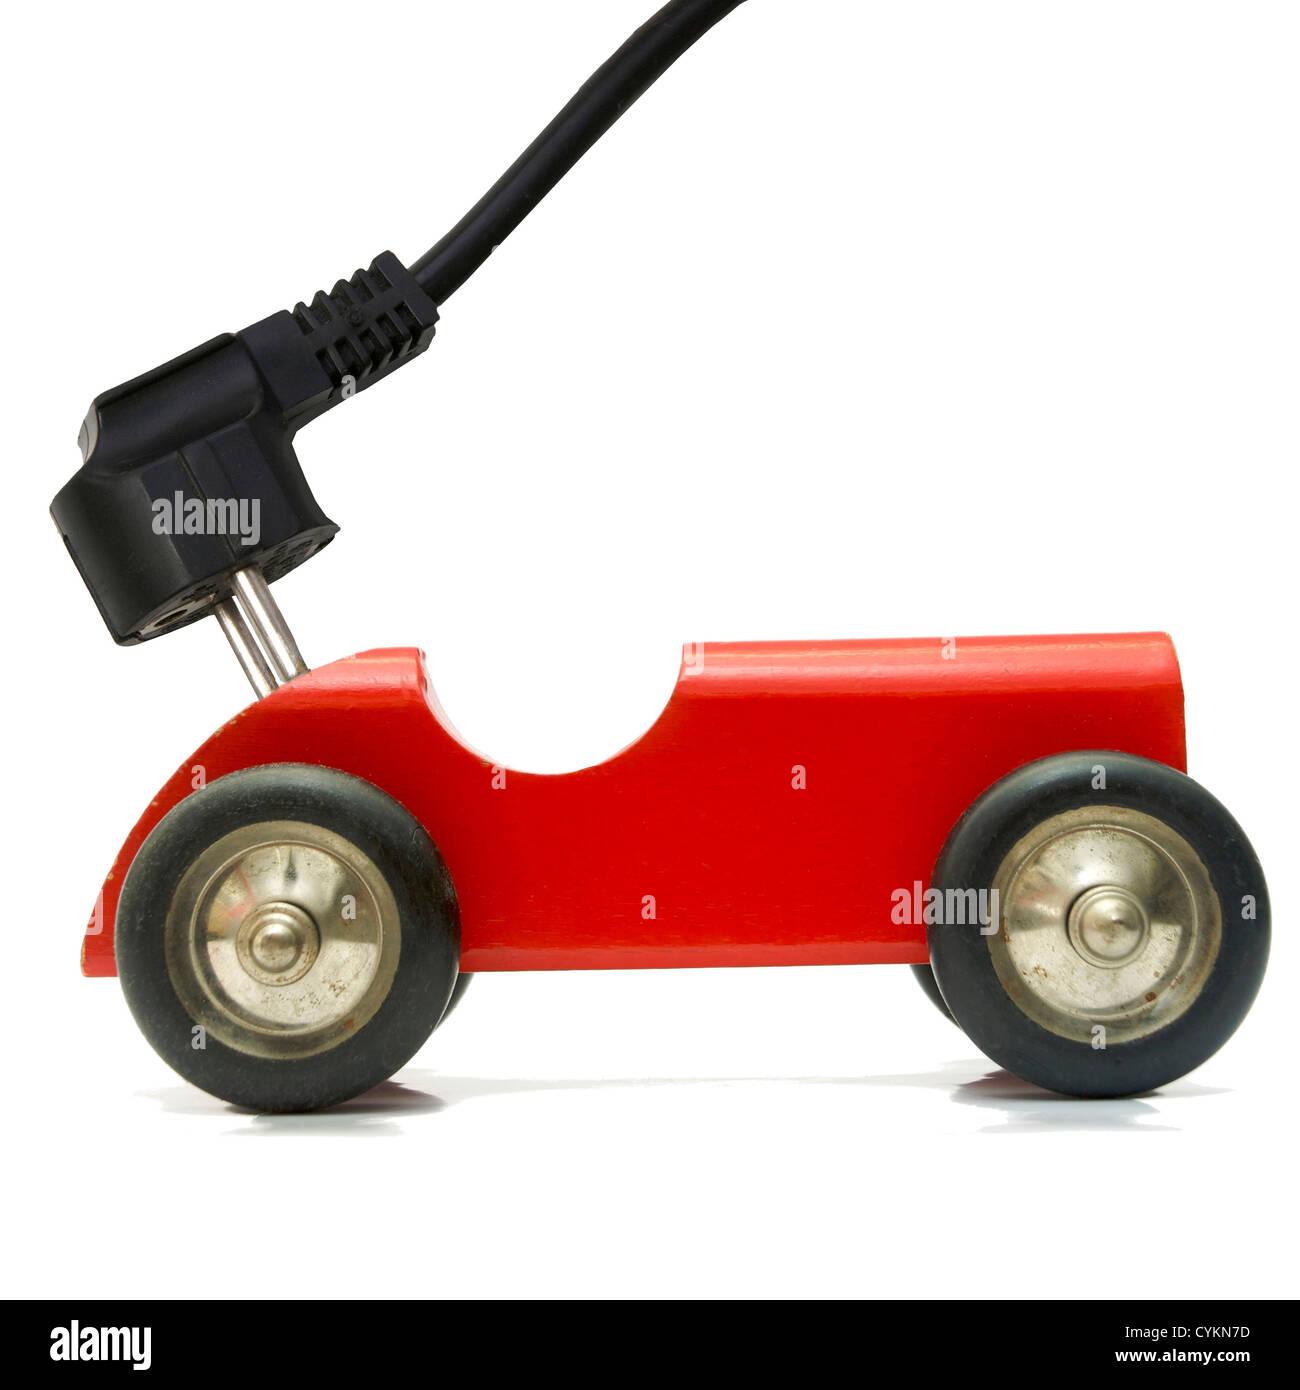 Kleines Spielzeug Fahrzeug angeschlossen und geladen mit Strom Stecker Konzept Stockbild